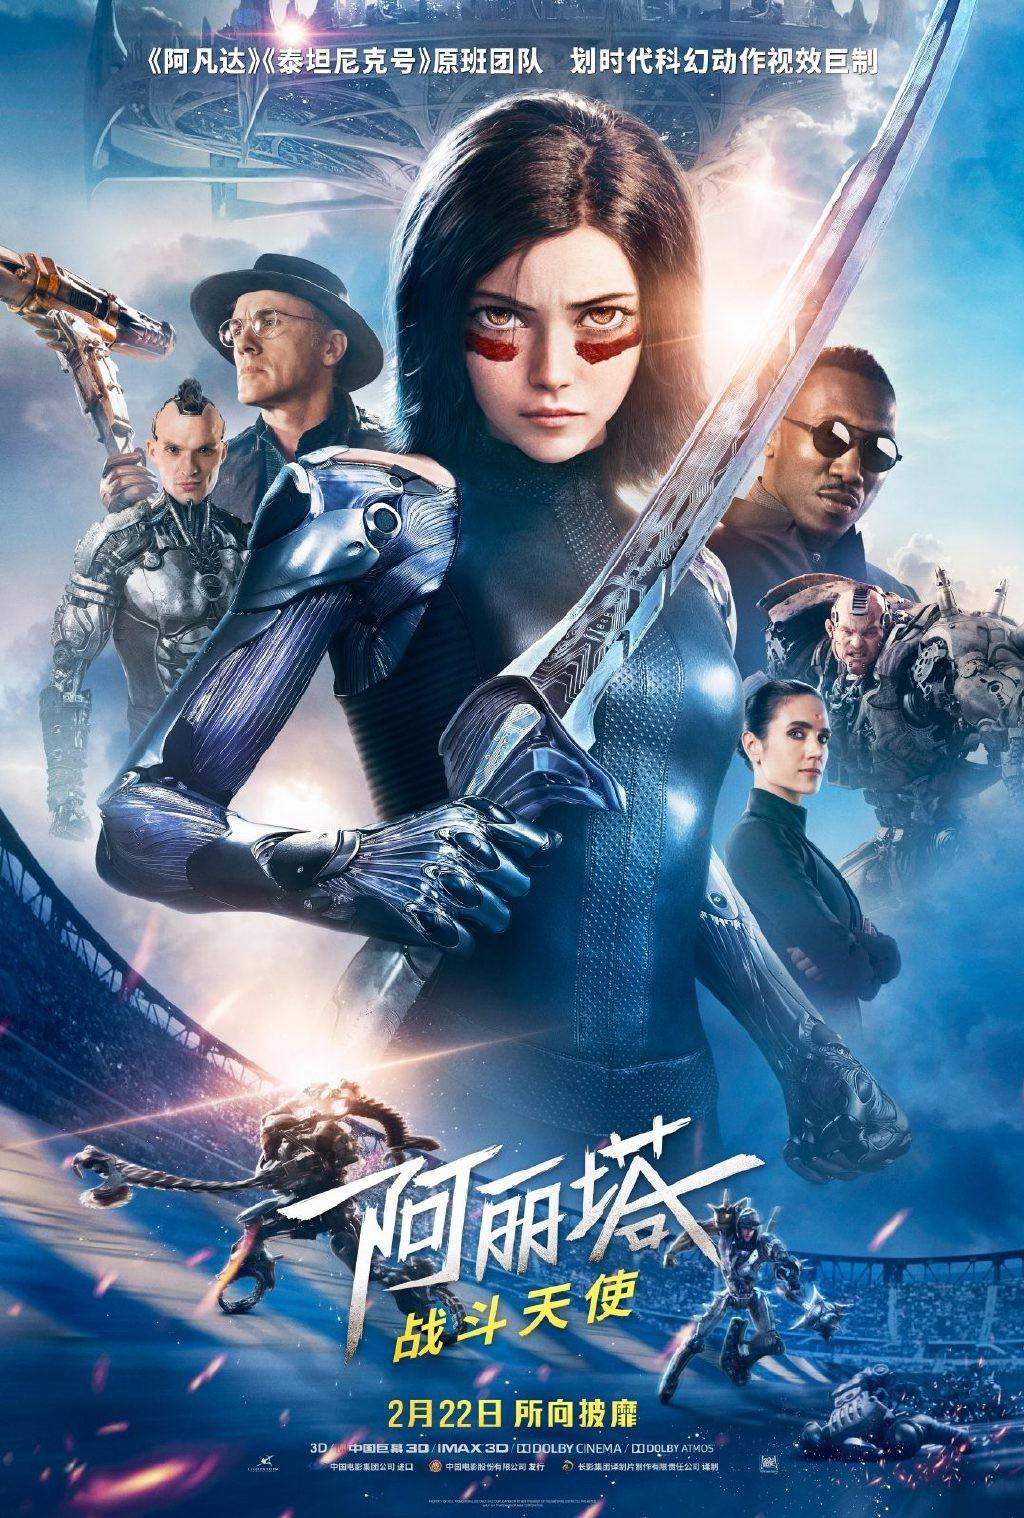 《阿丽塔》 新中文海报公布 2月22日在内地上映